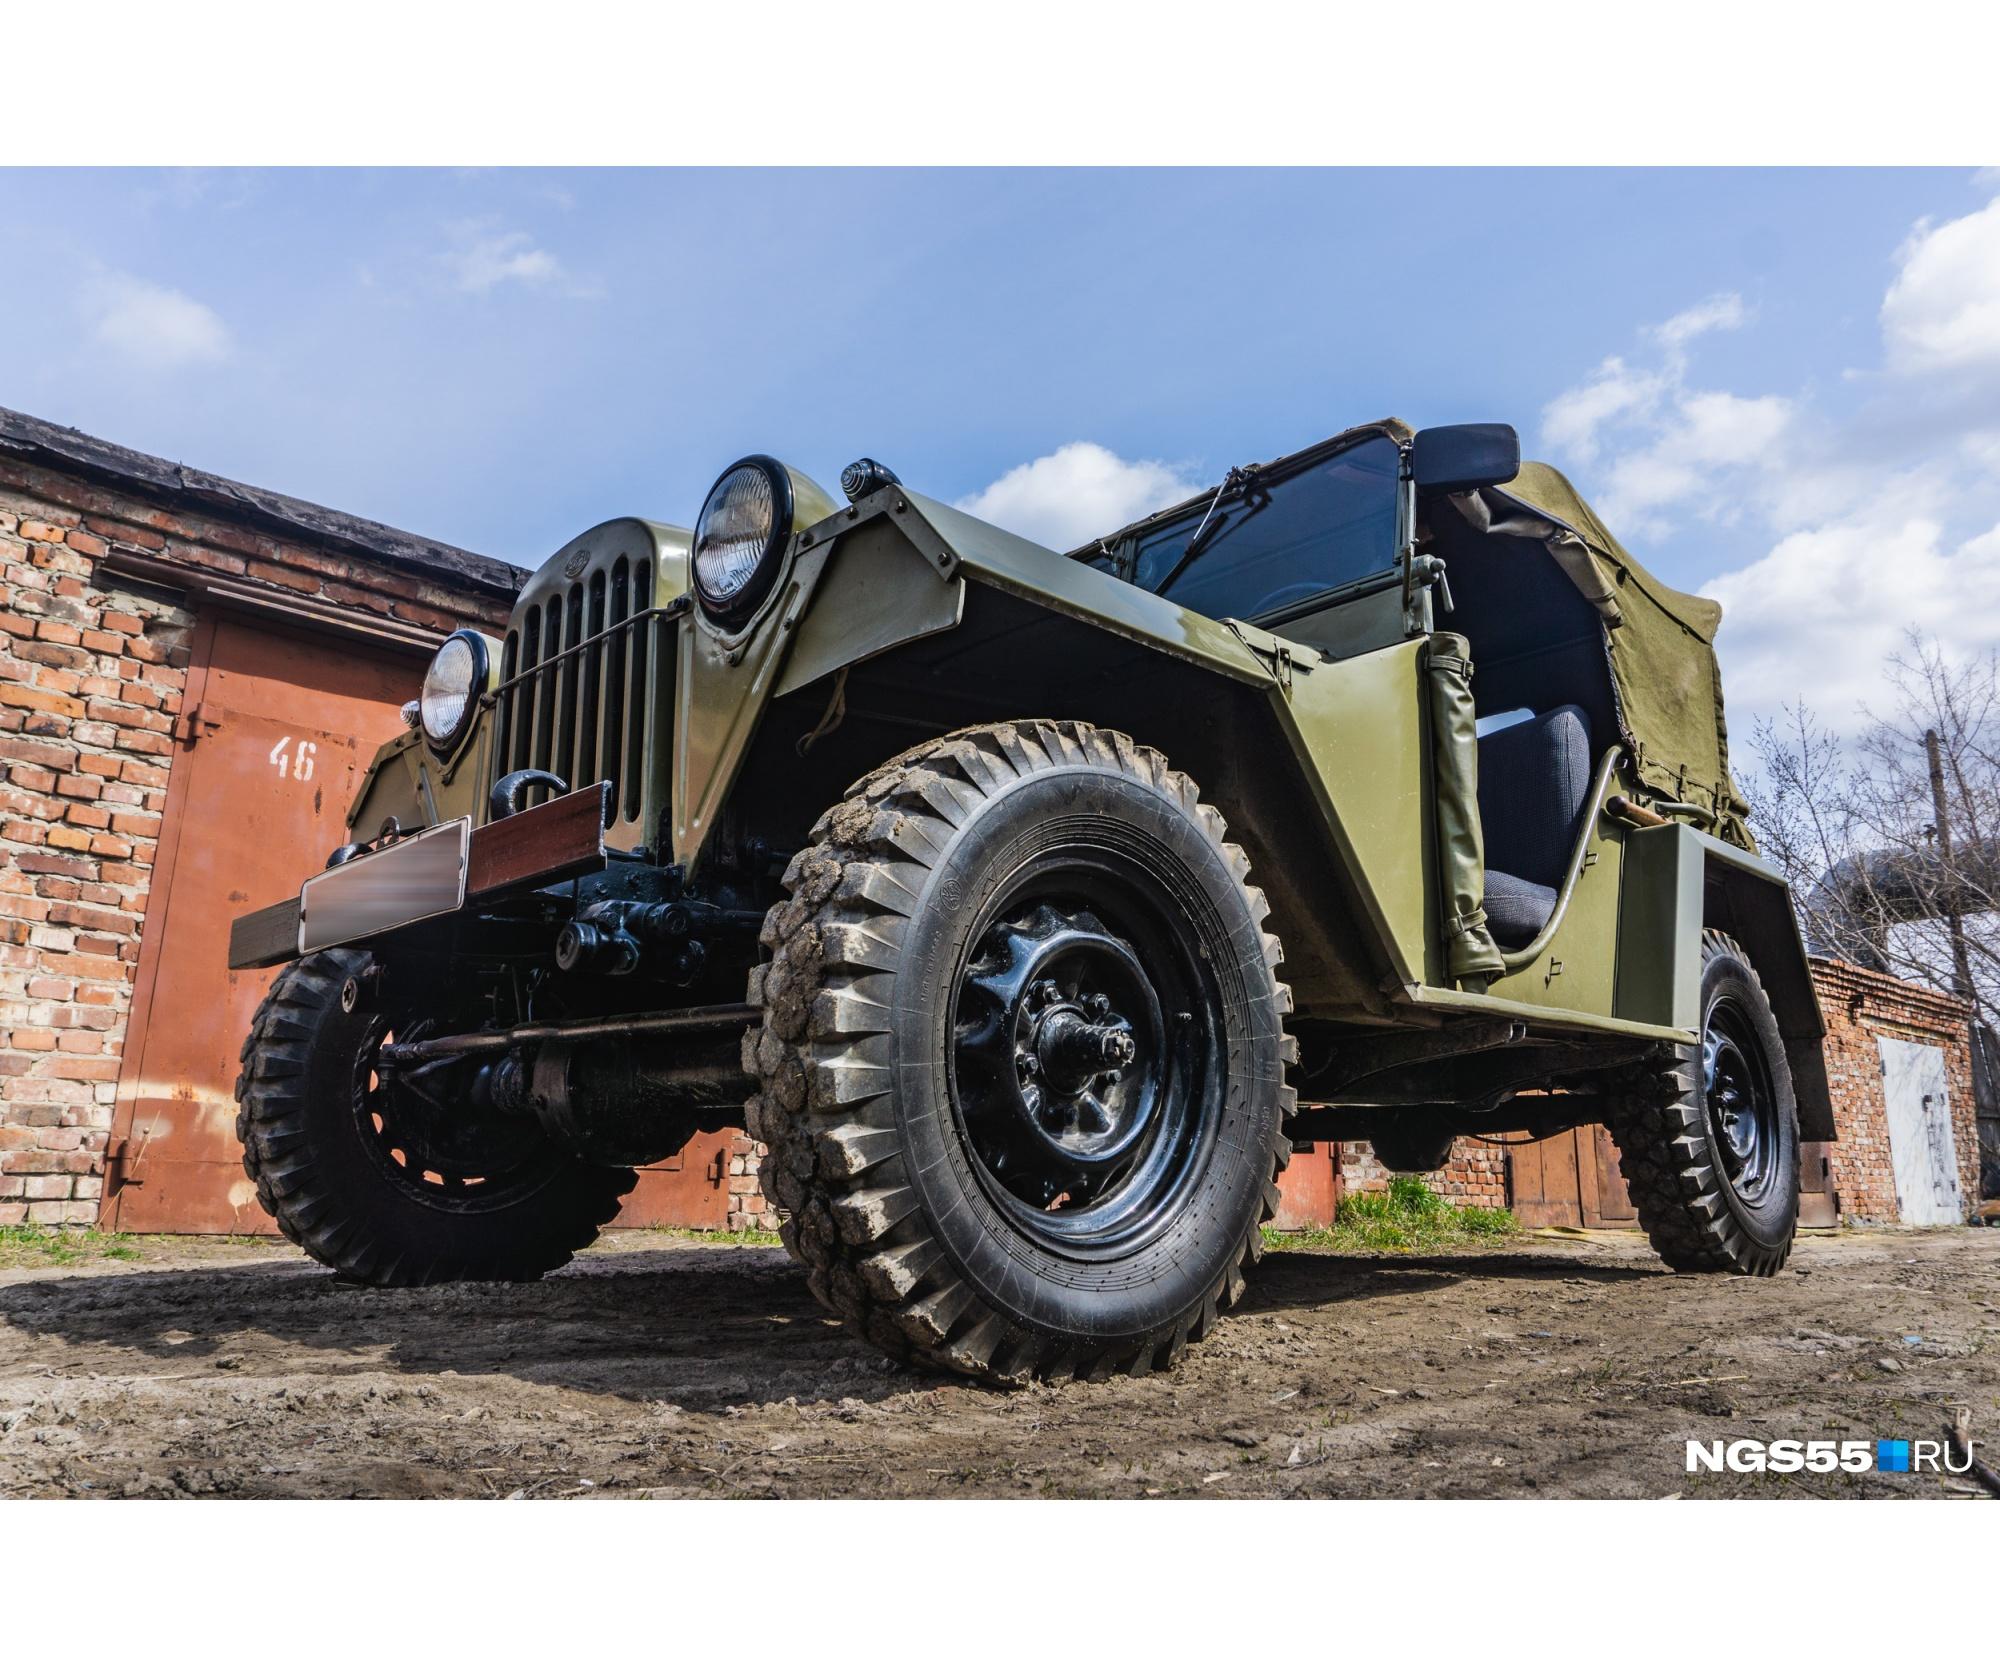 Родоначальник ГАЗ-64 не вписывался в колею «полуторки», поэтому мосты 67-й машины расширили